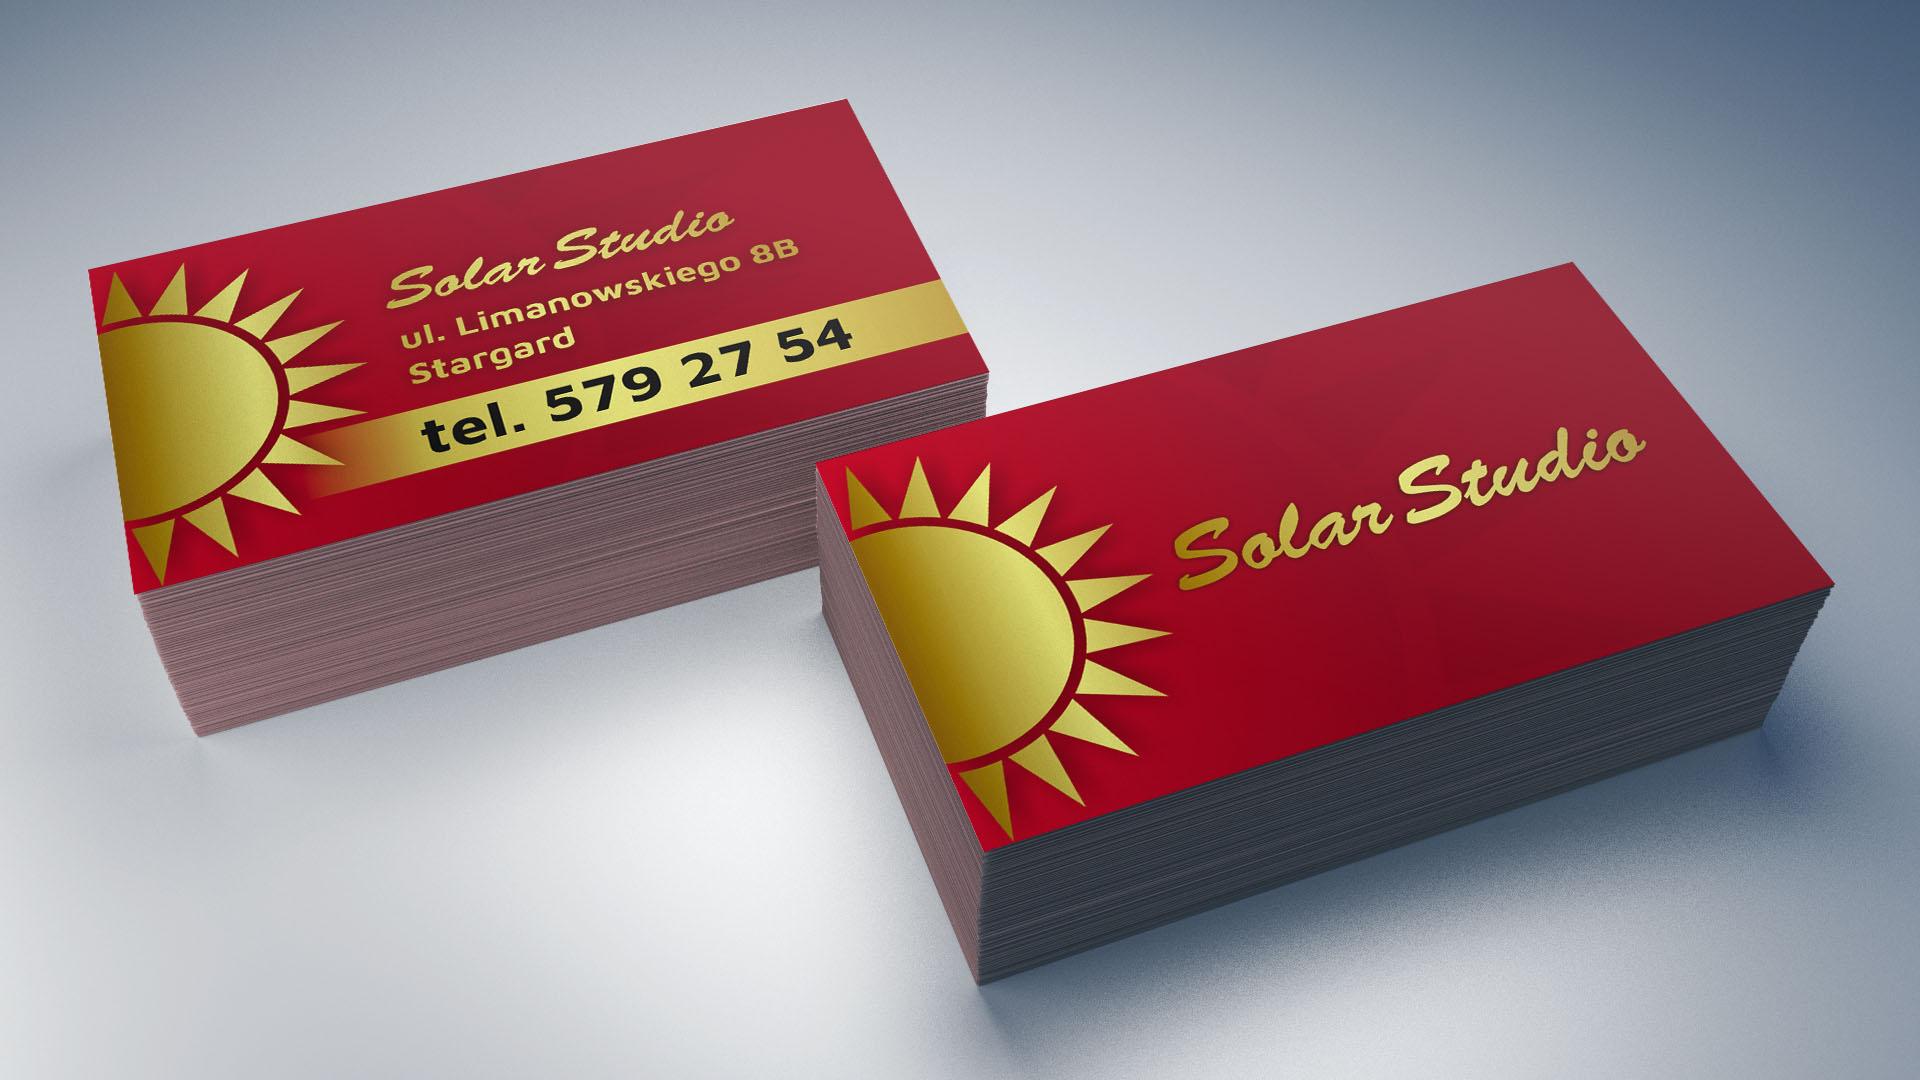 Projekt i wydruk wizytówek dla Solar Studio